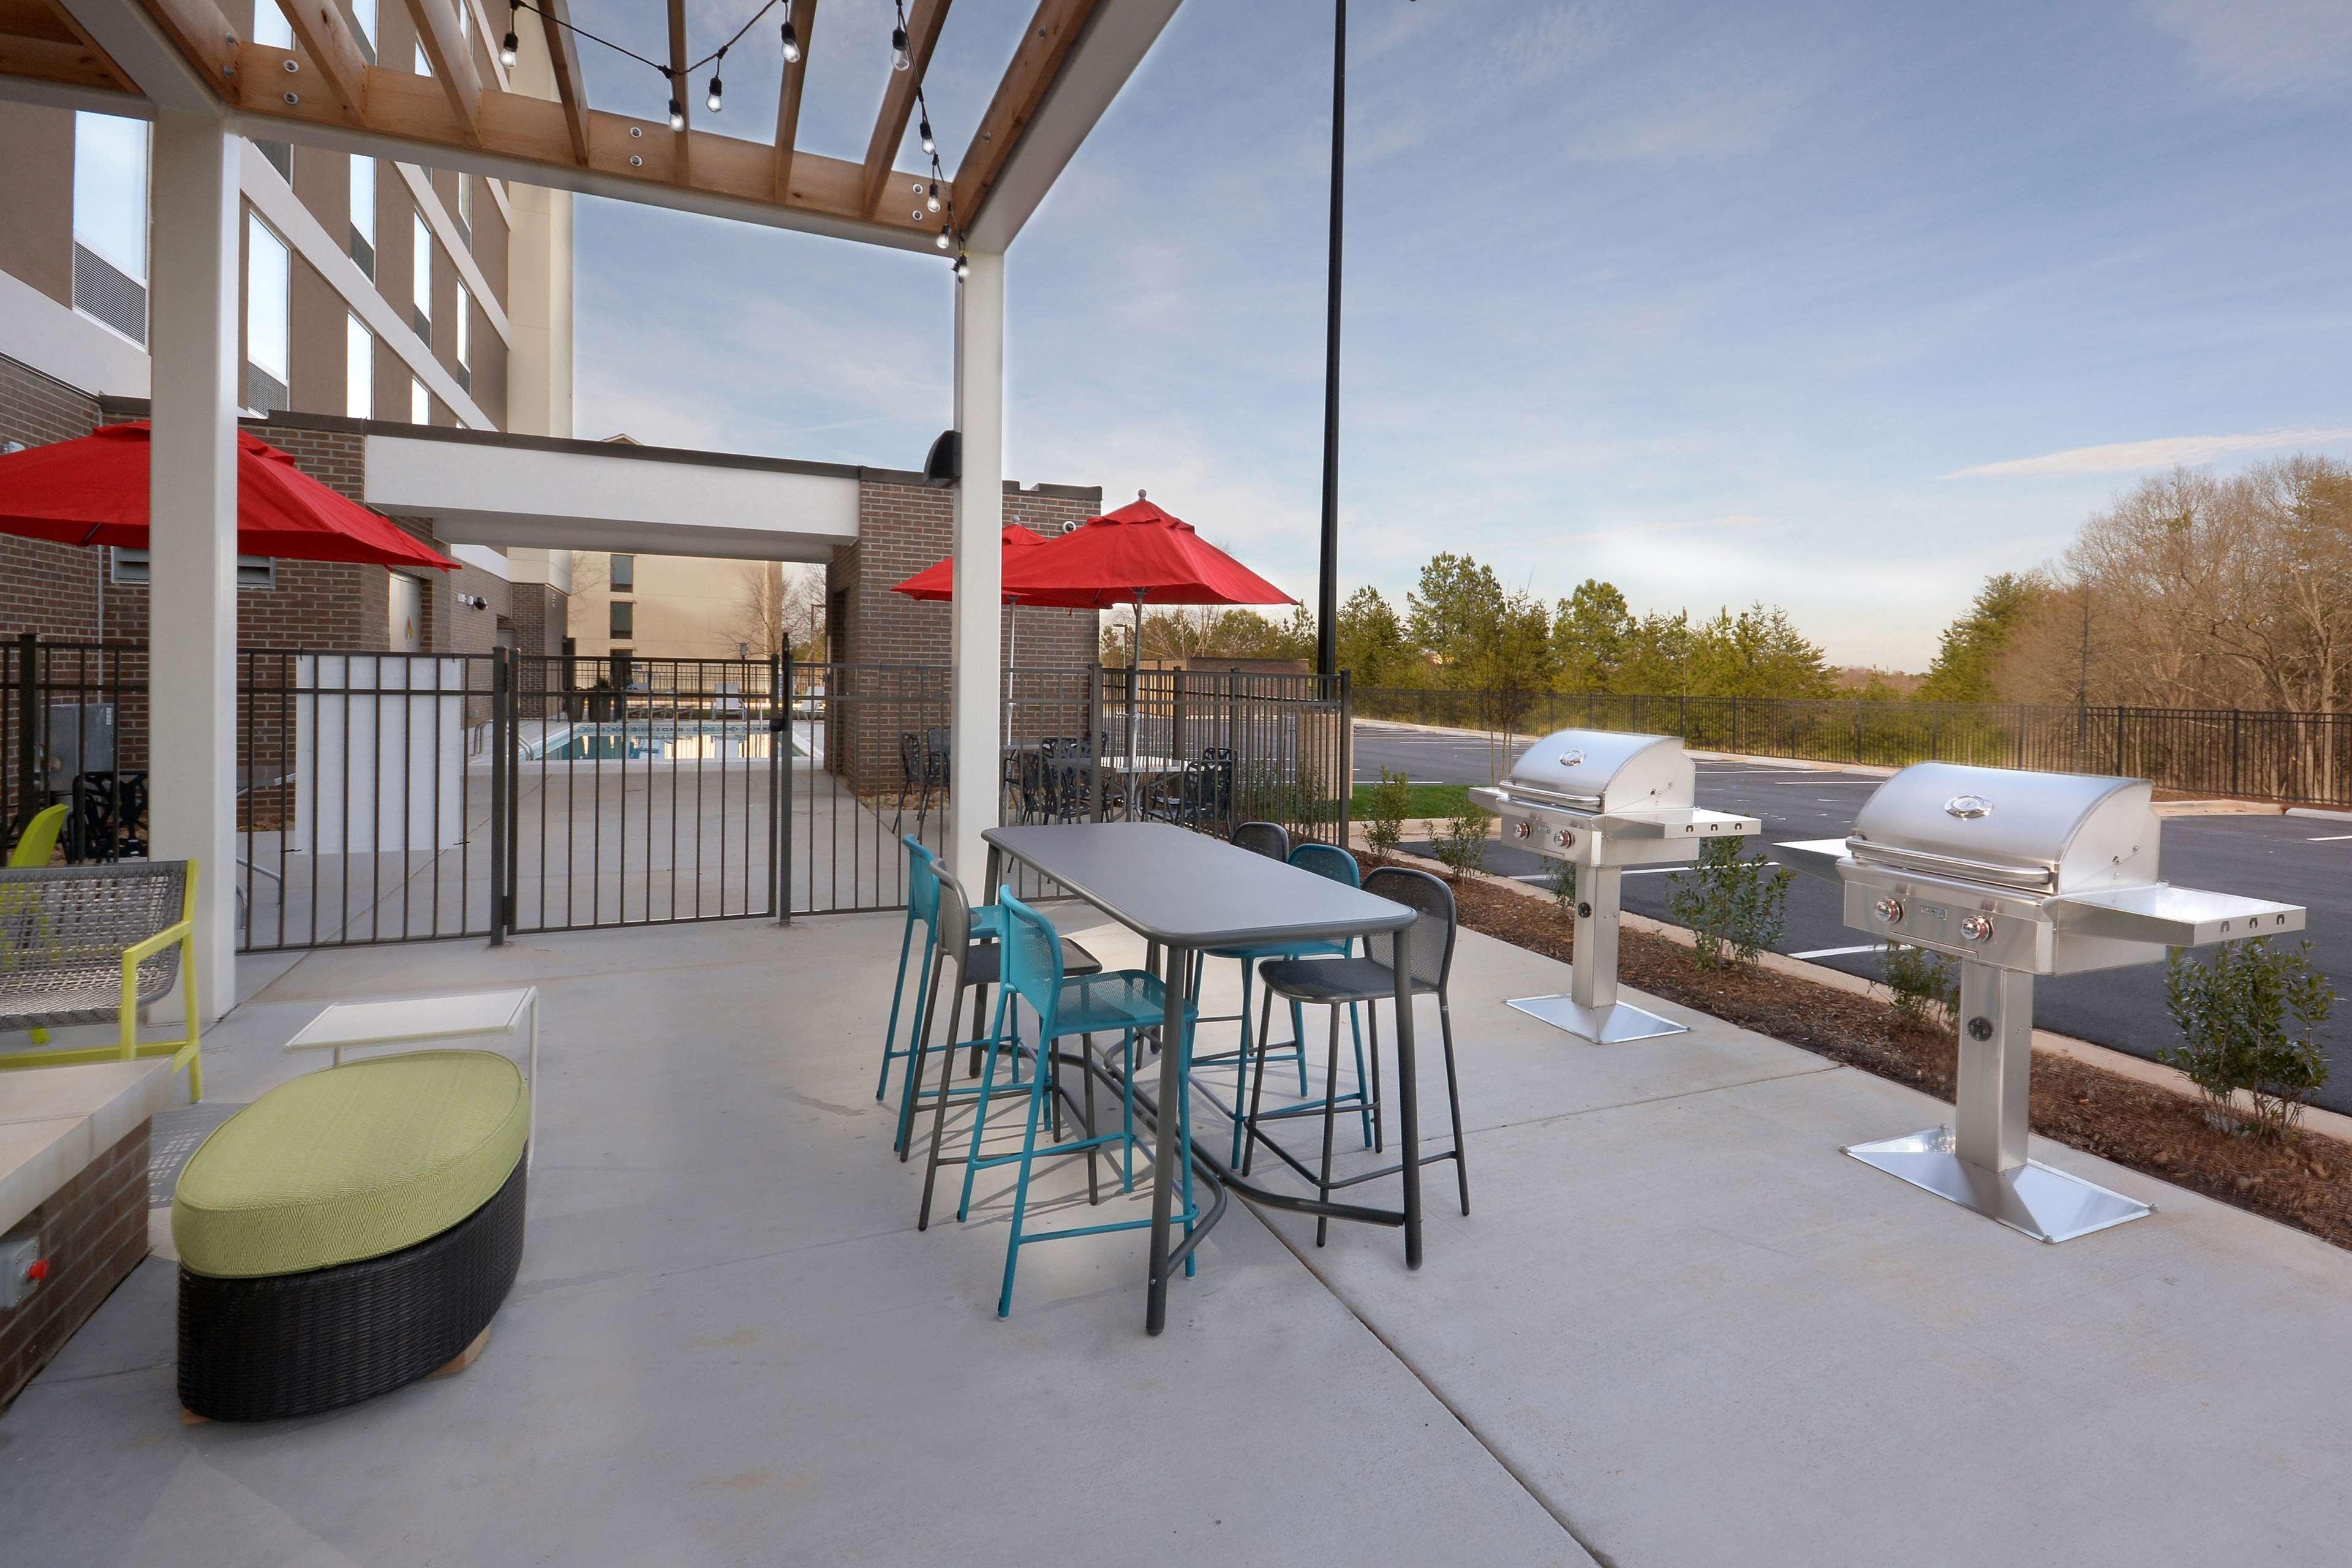 Home2 Suites by Hilton Duncan image 2